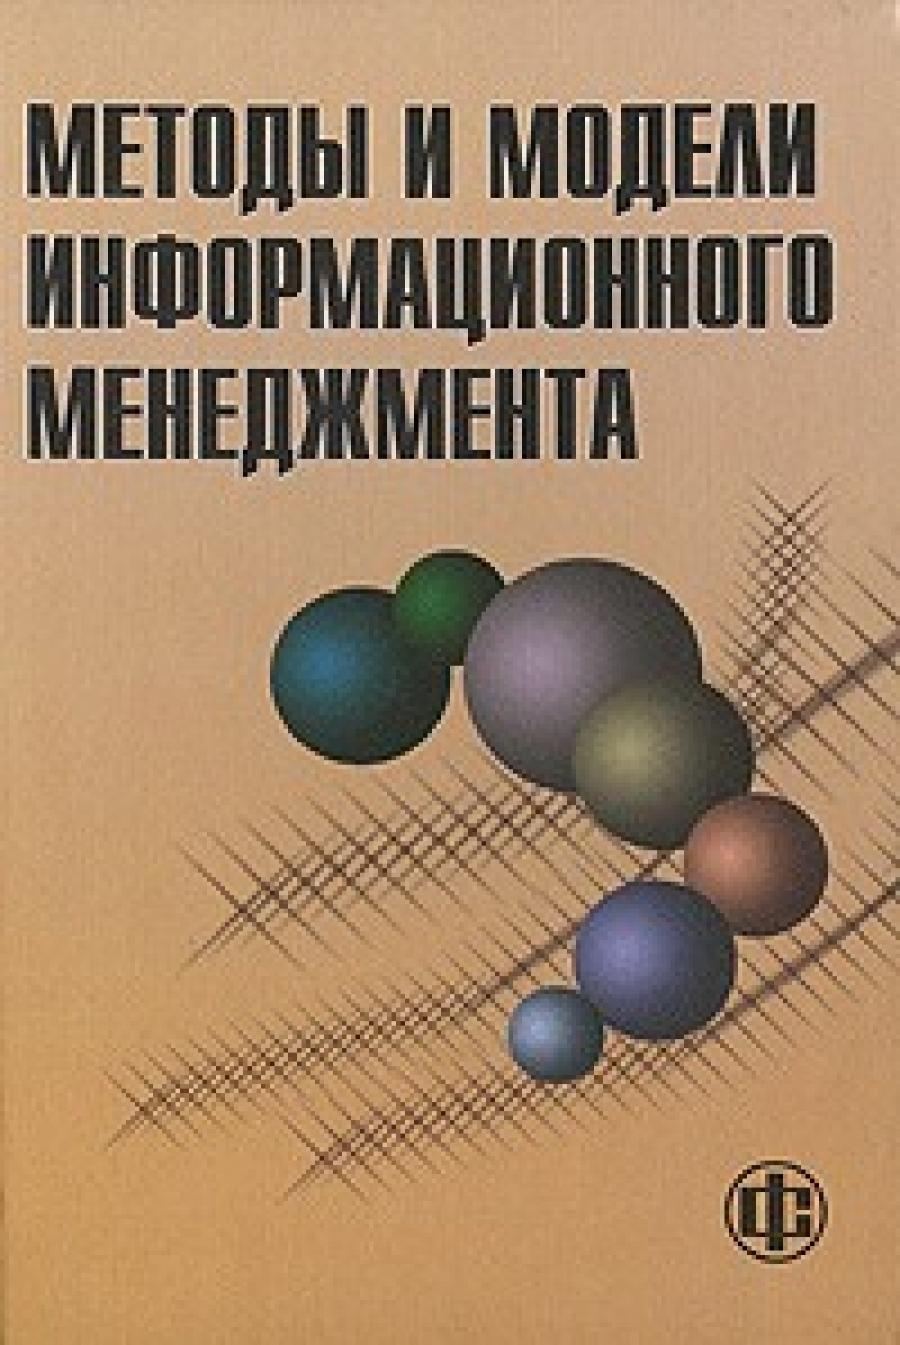 Обложка книги:  костров а.в. - методы и модели информационного менеджмента